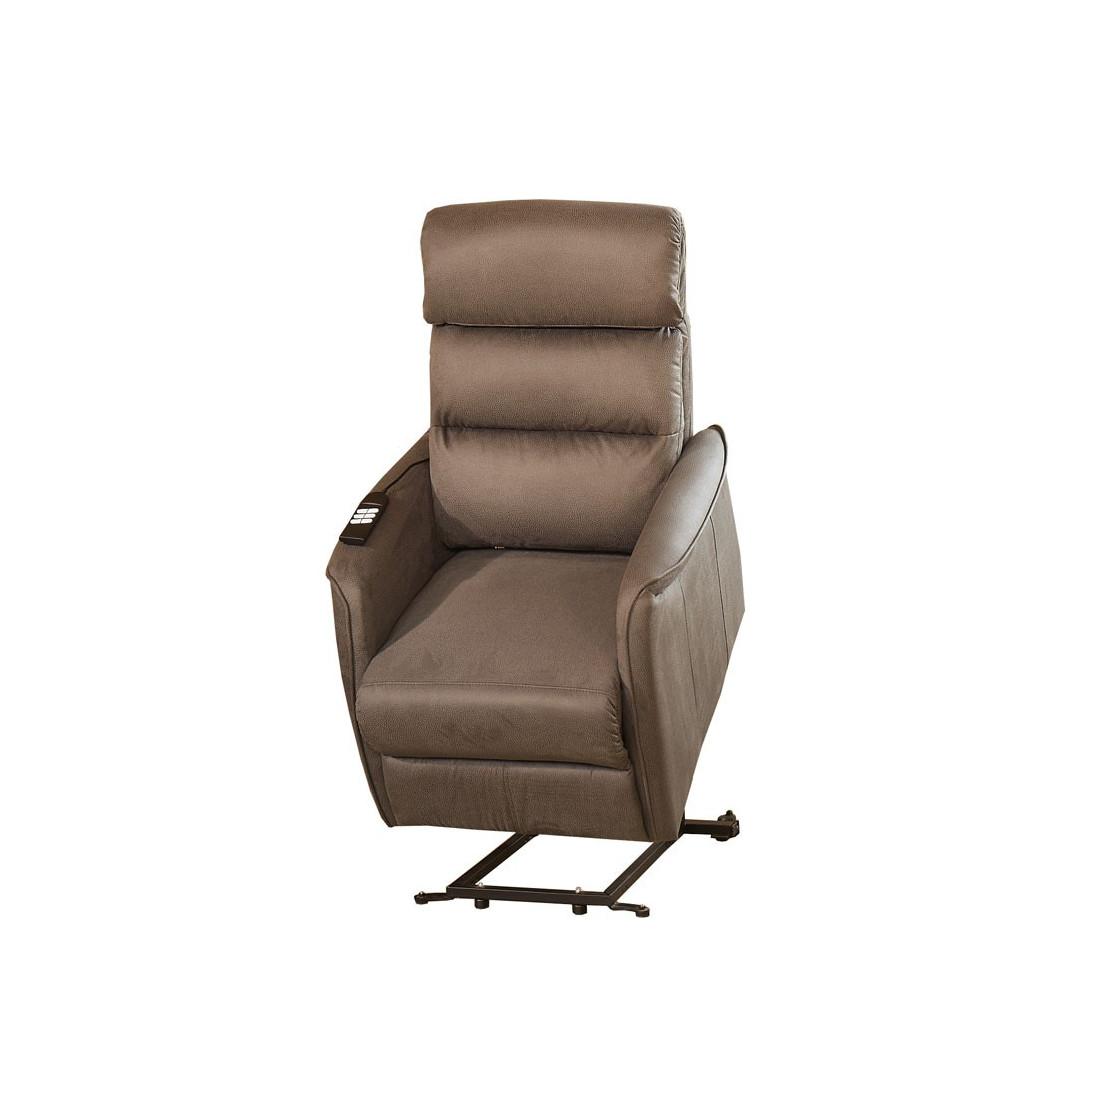 fauteuil relax releveur lec marron cendr univers salon. Black Bedroom Furniture Sets. Home Design Ideas